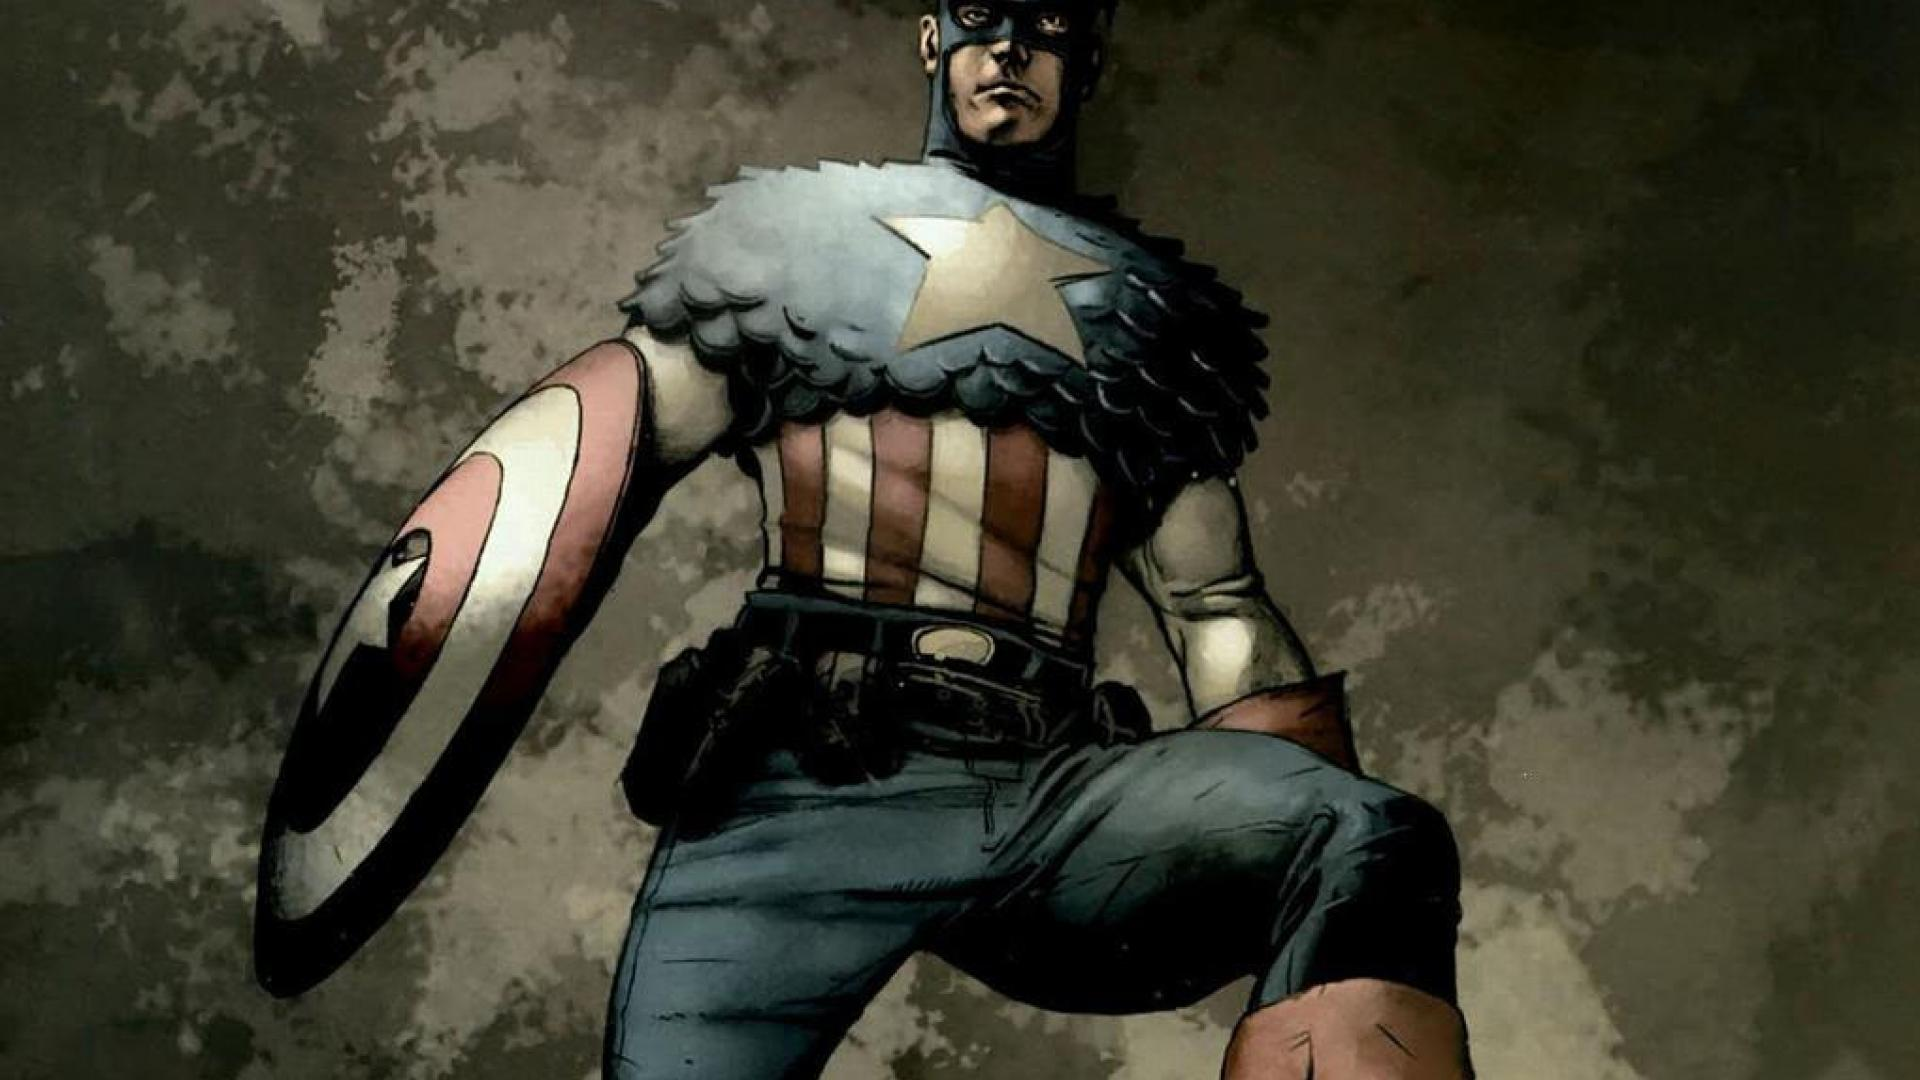 comics captain america marvel hd wallpaper   16970   HQ Desktop 1920x1080